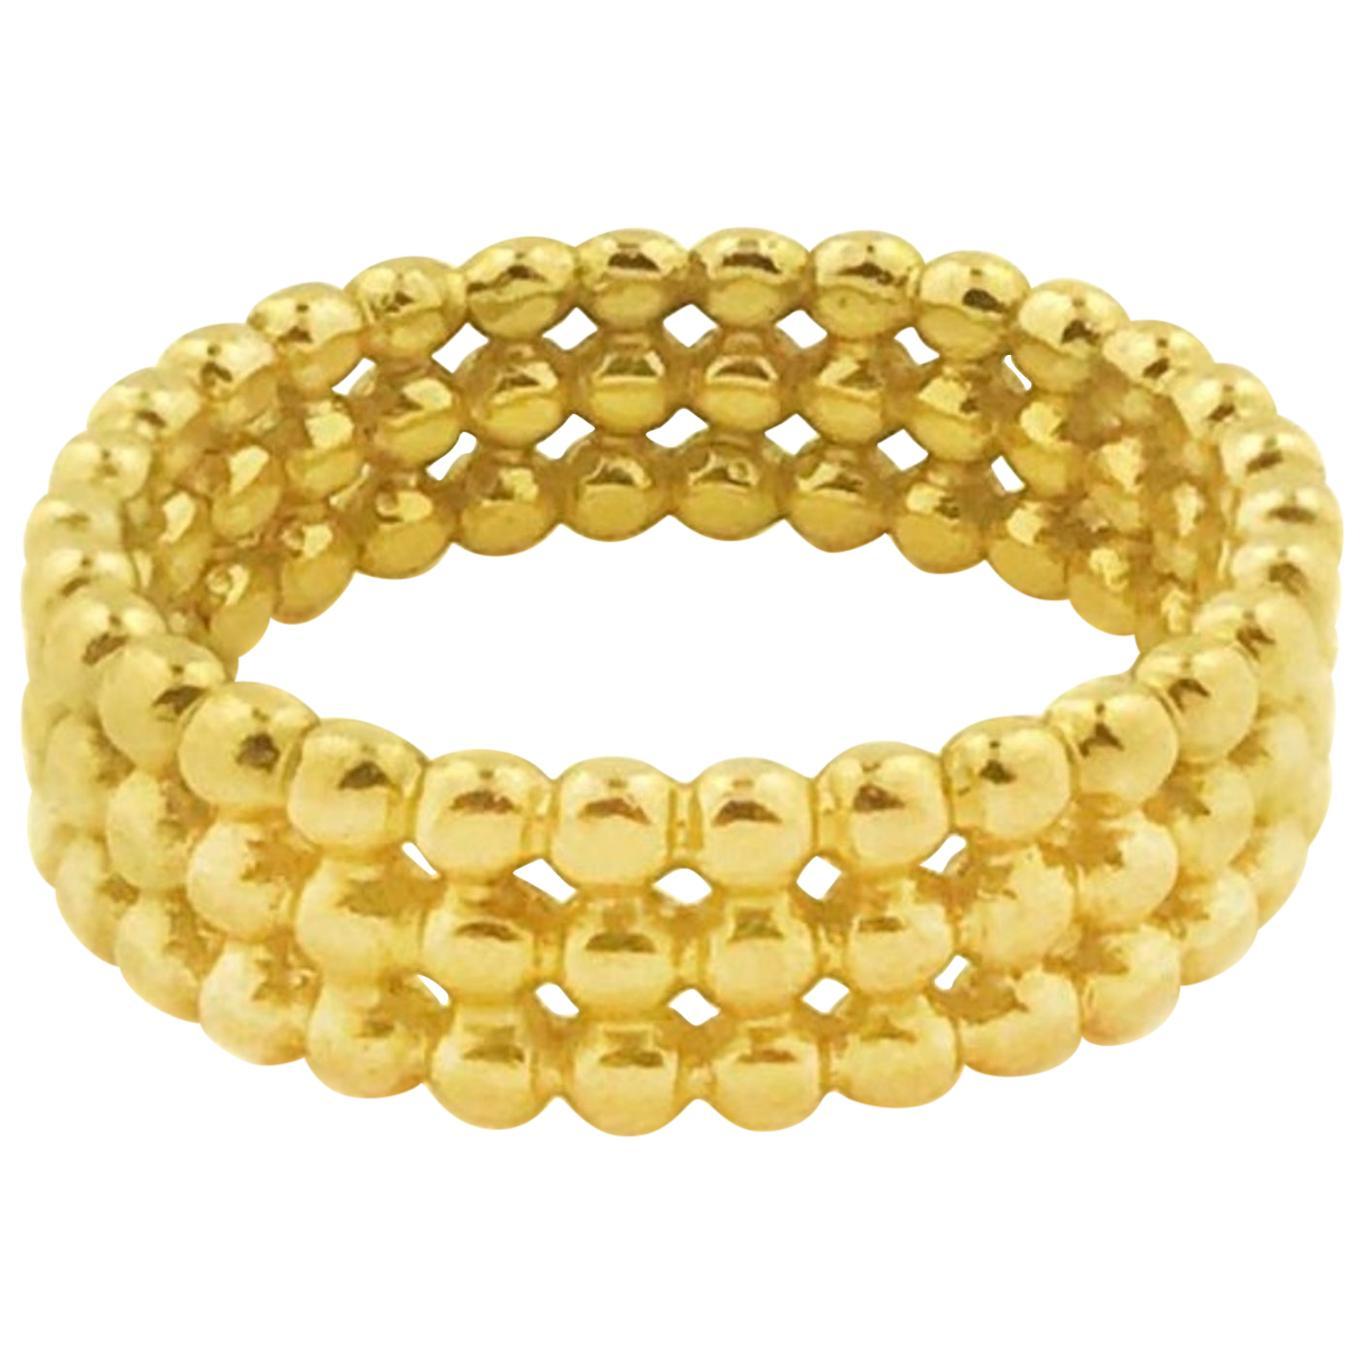 Tiffany & Co. 18 Karat Gold Ring